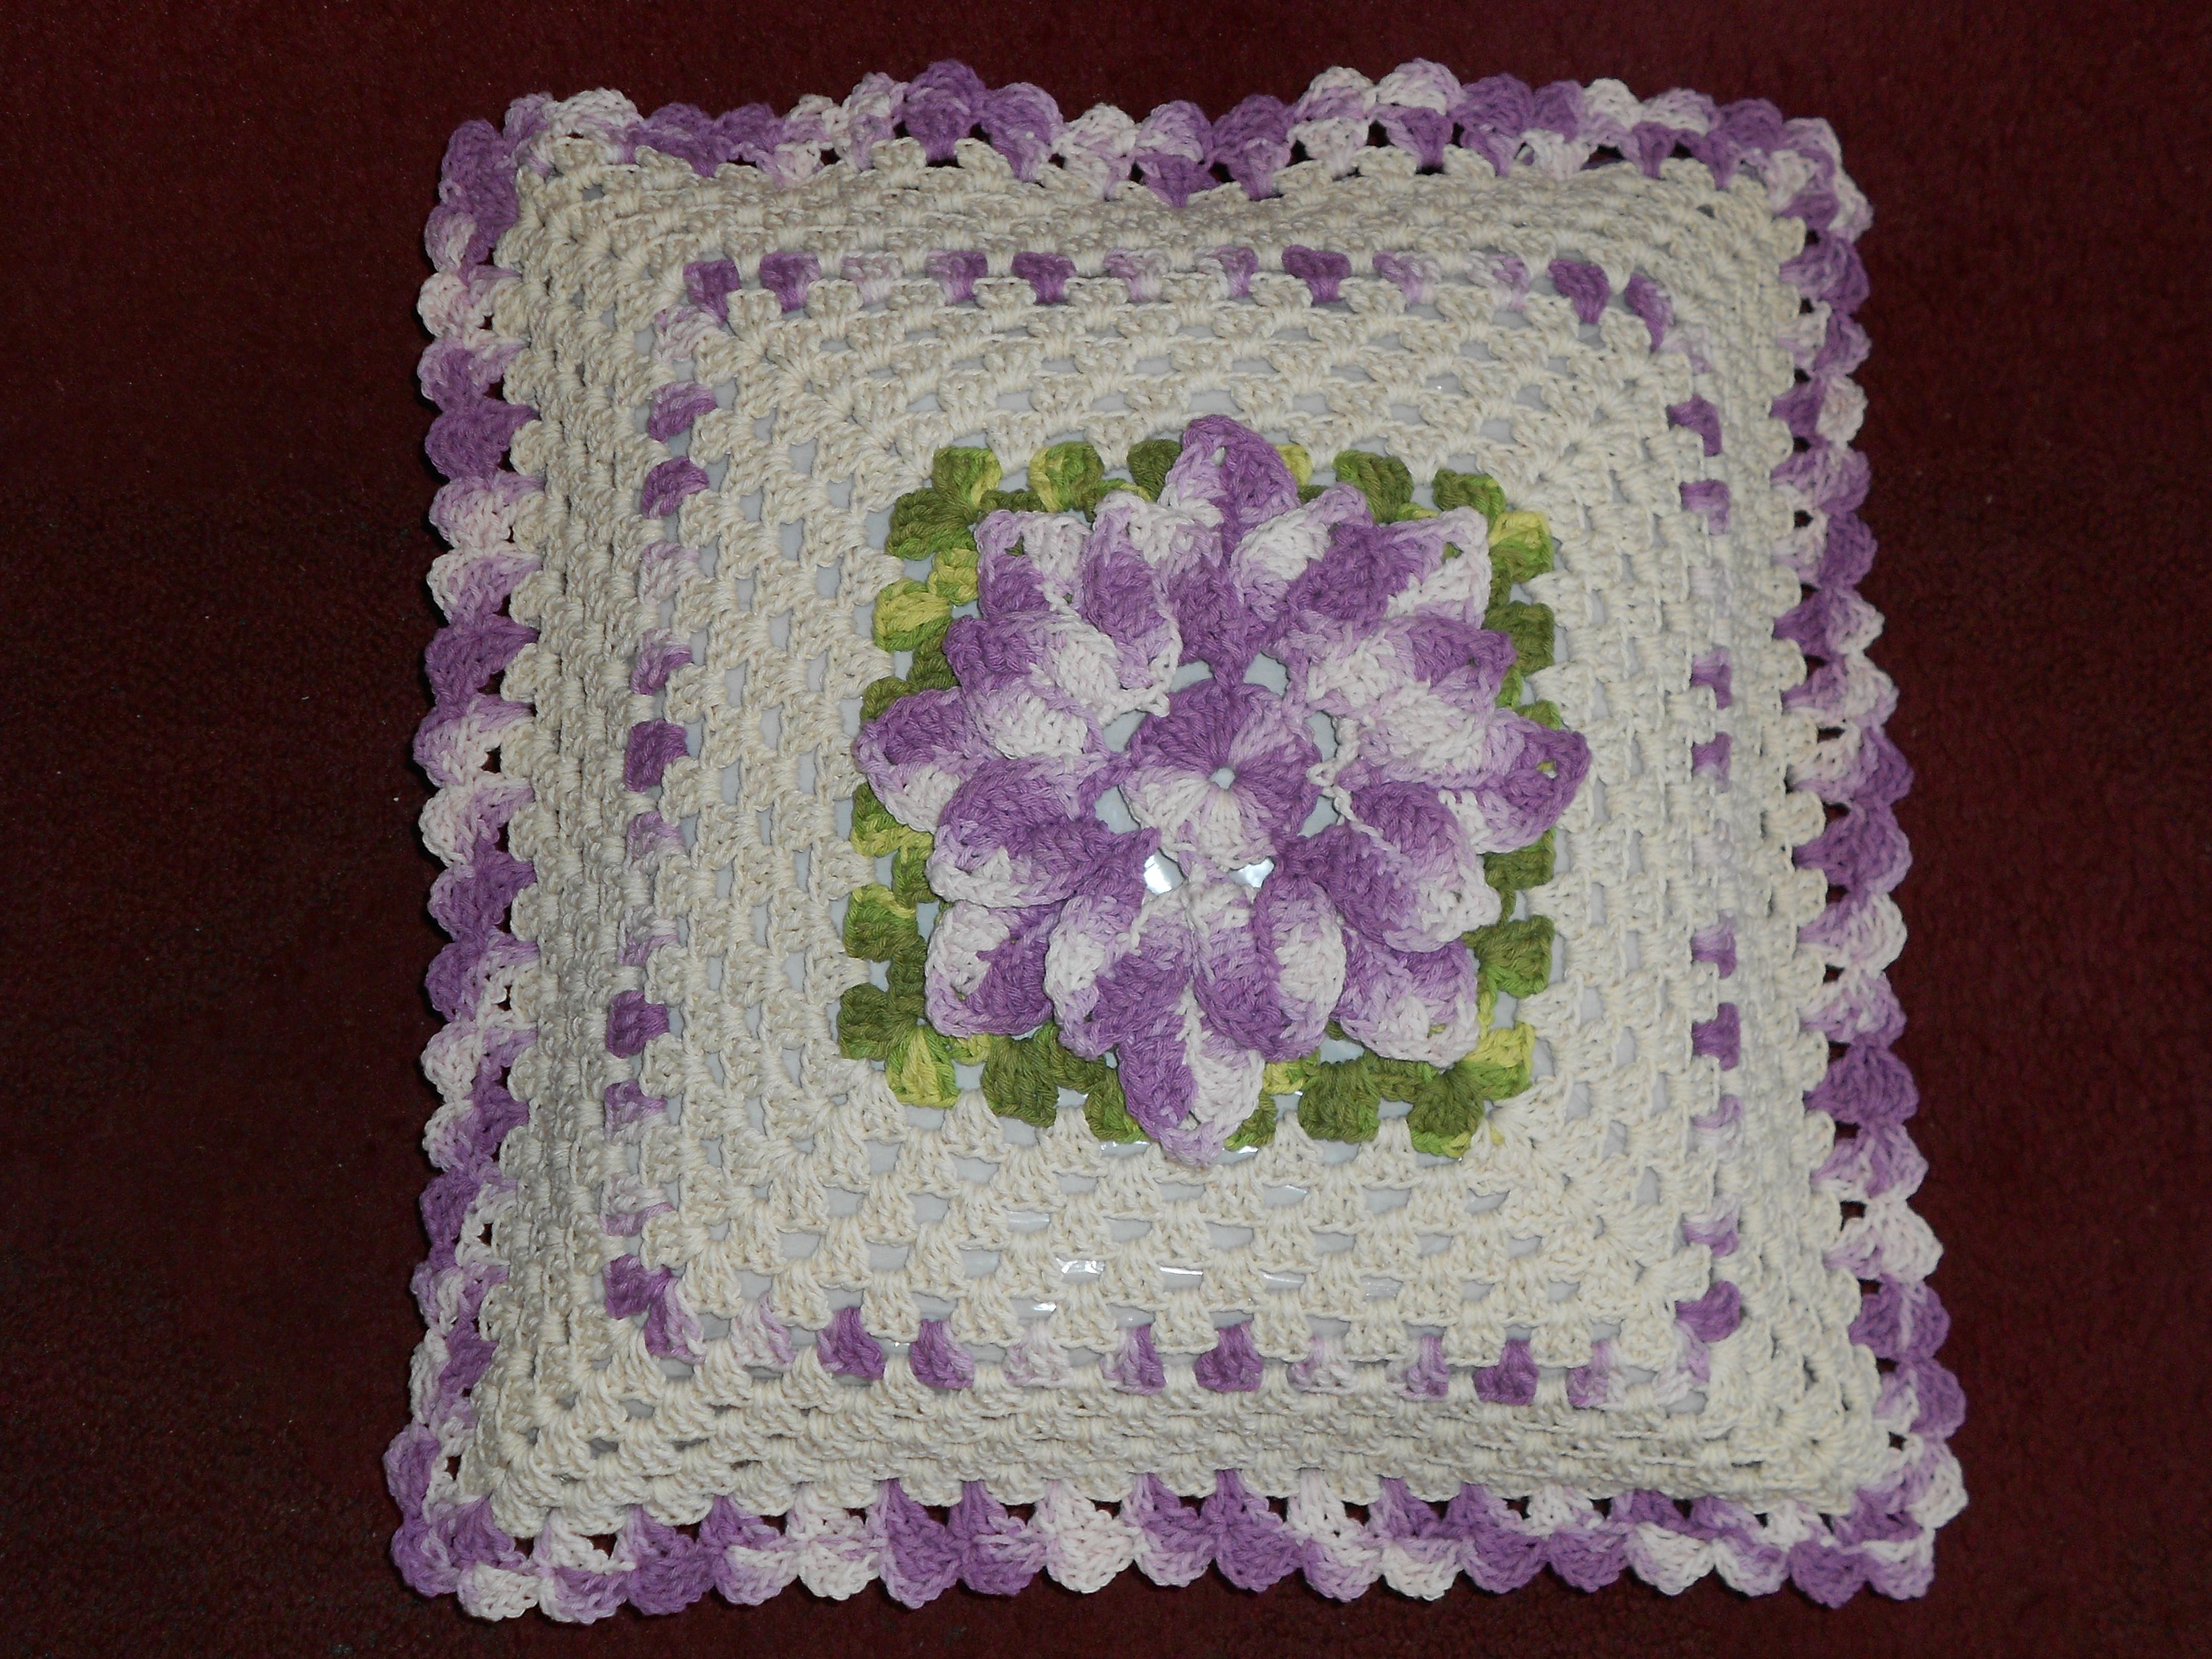 Capa para almofada de crochê floral Capa para almofada de crochê